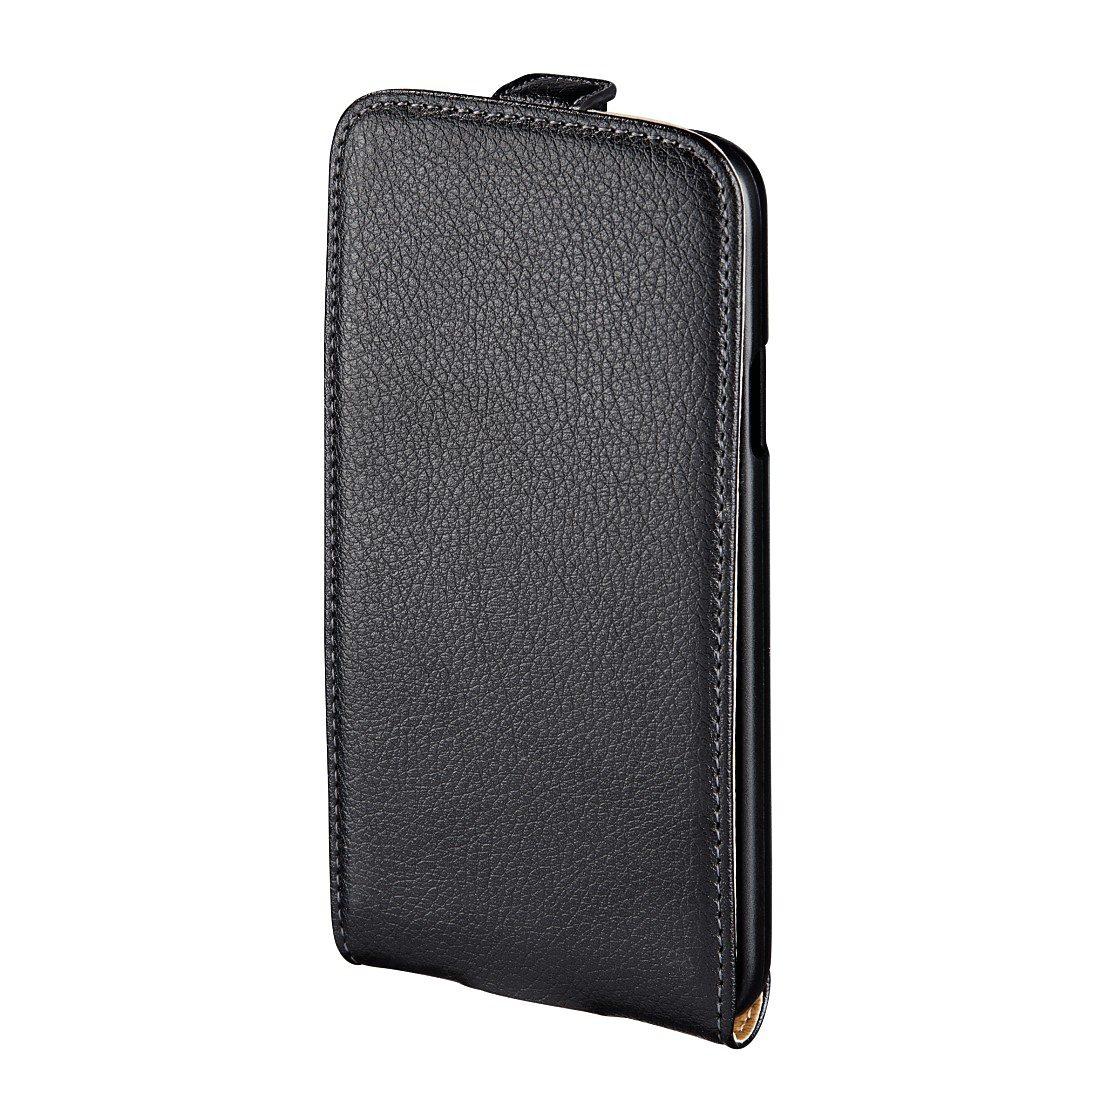 Hama Handyhülle Handytasche Schutzhülle Samsung Galaxy S5 mini »mit aufklappbarem Cover«